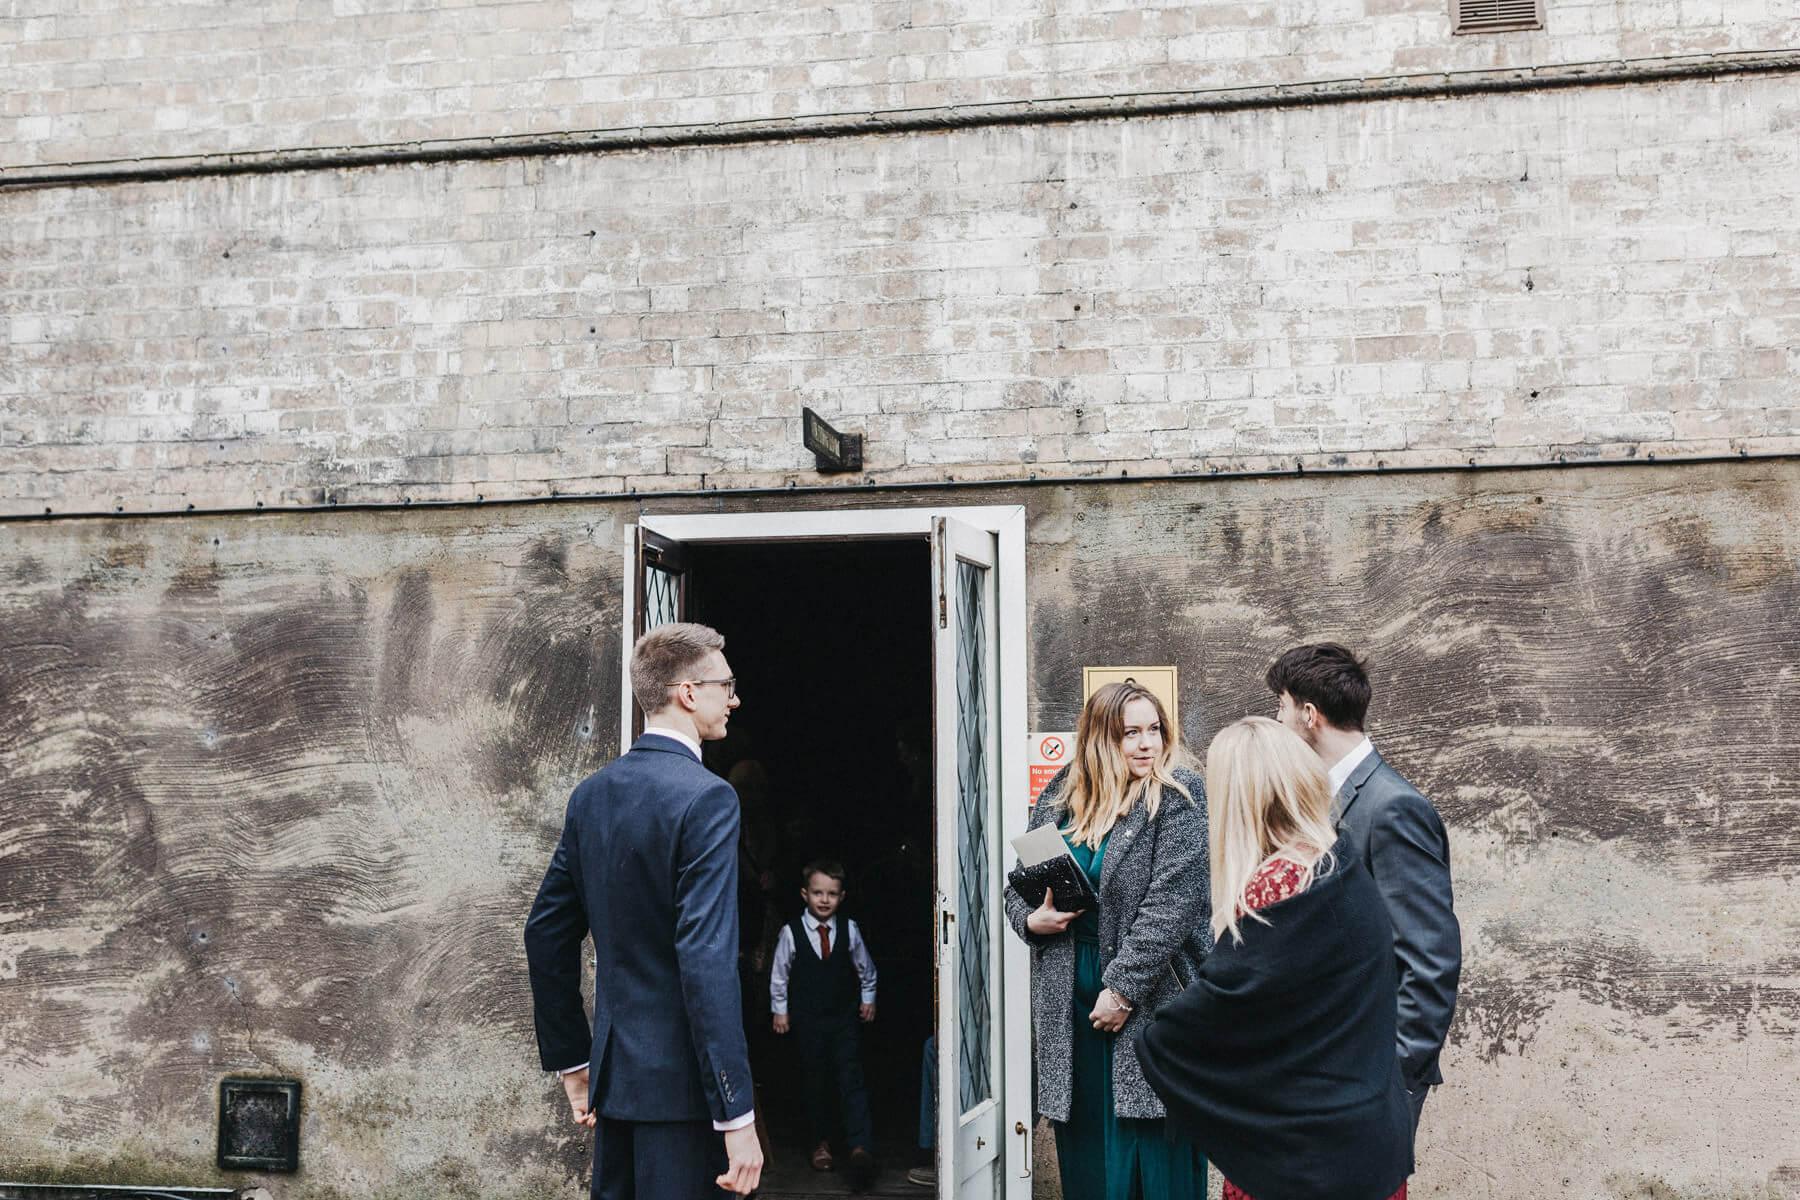 Kev Elkins Wedding Photography – Imogen and Dan Intimate Wedding